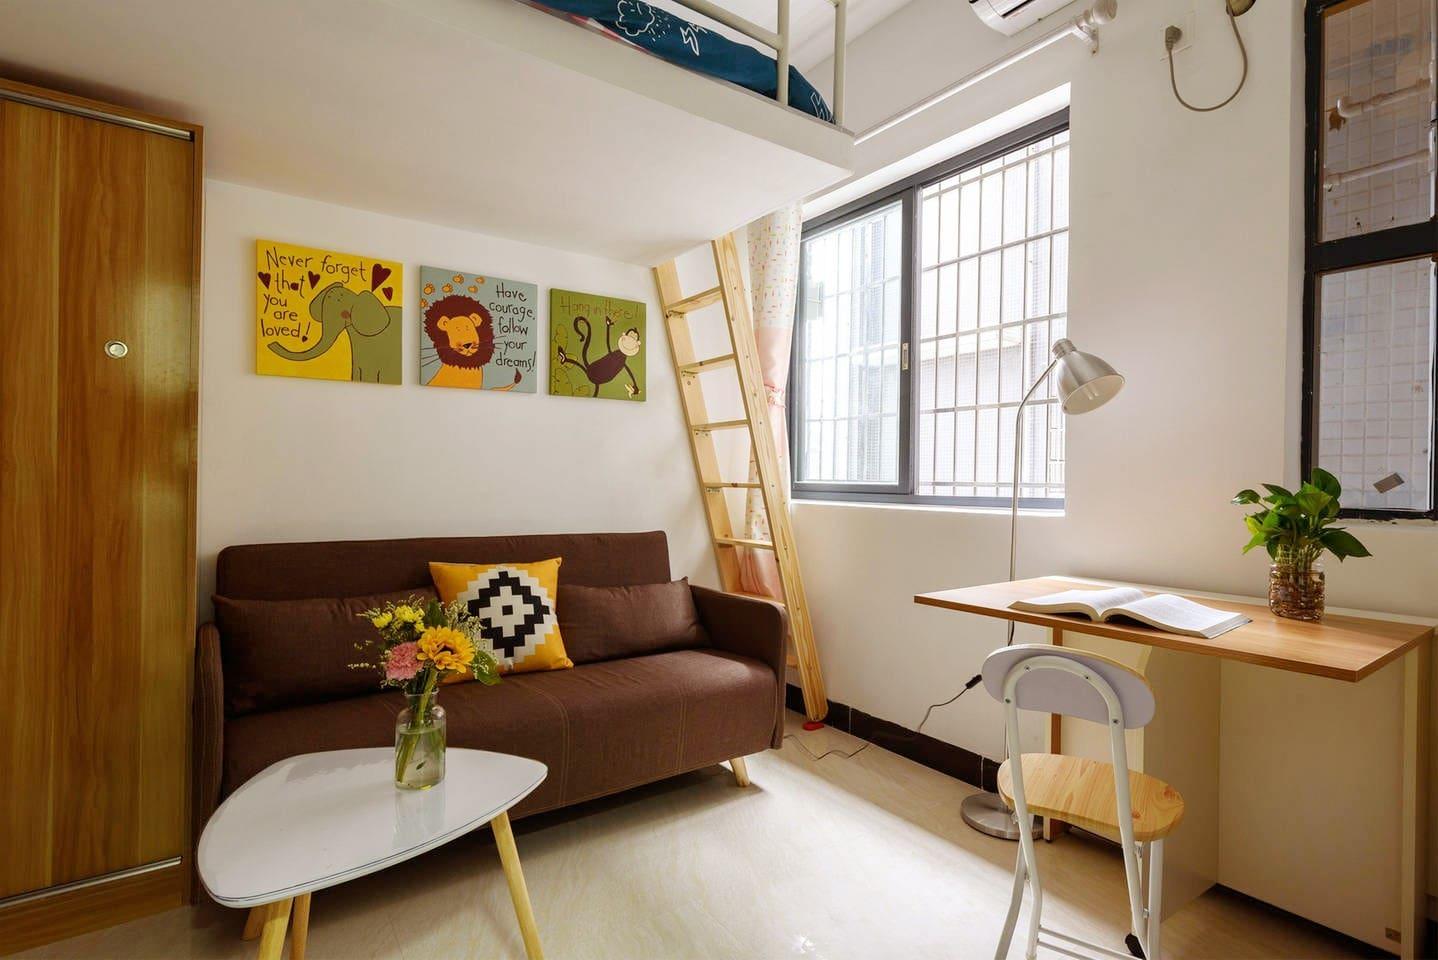 燕婷的房子是整套出租的公寓,面积不大,但非常温馨。